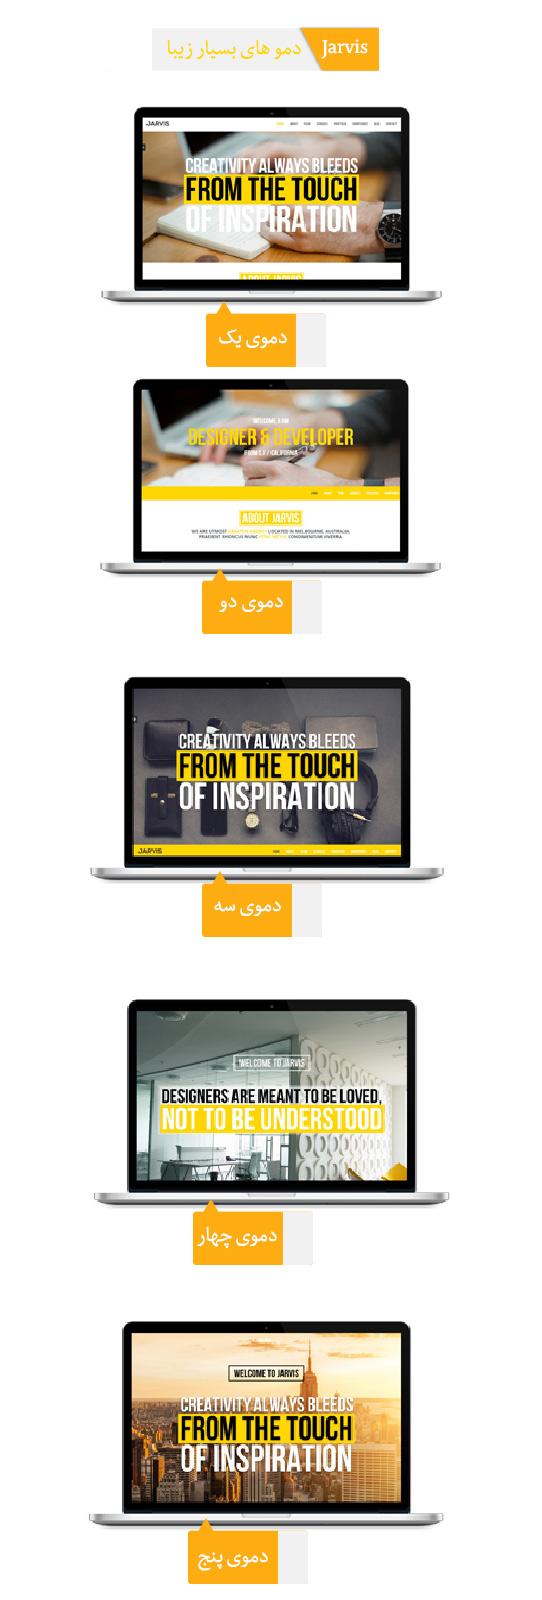 قالب وردپرس تک صفحه ای جارویز